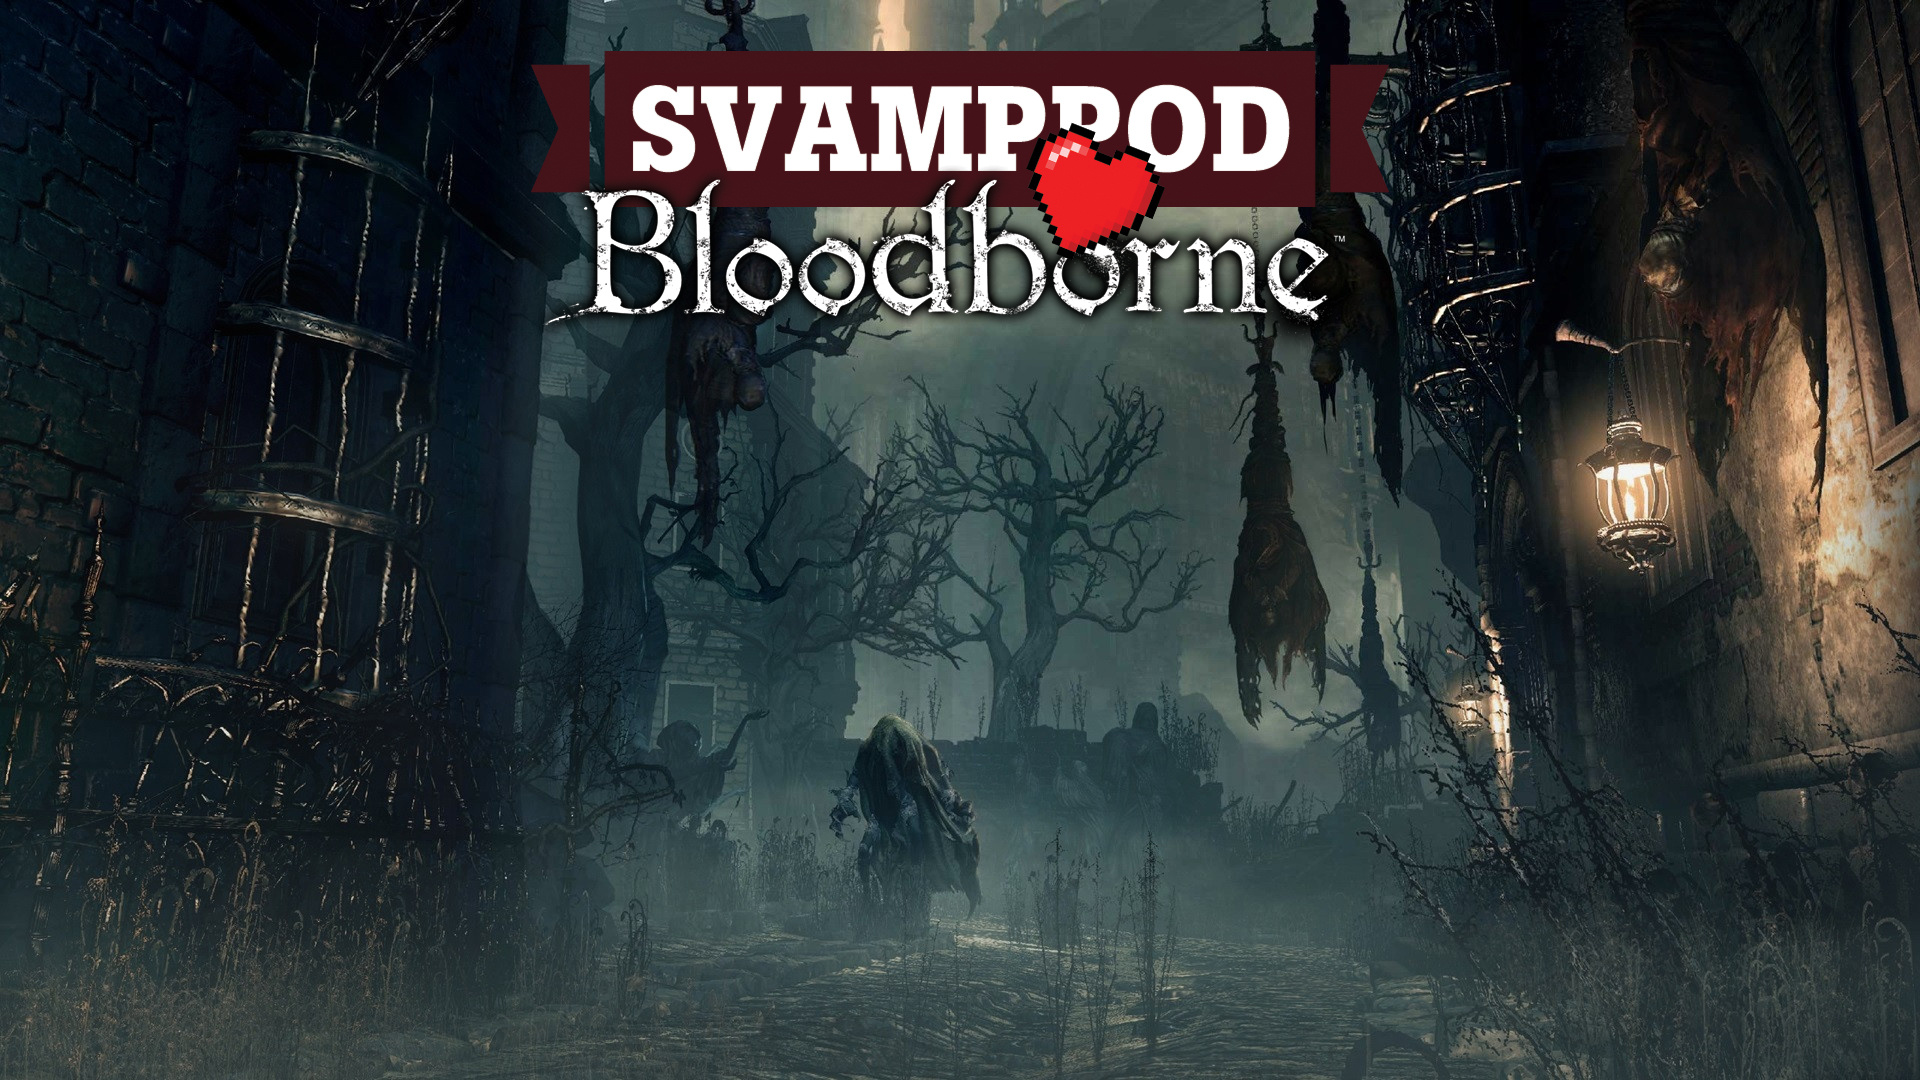 Svamppod hjärta Bloodborne: Avsnitt 1